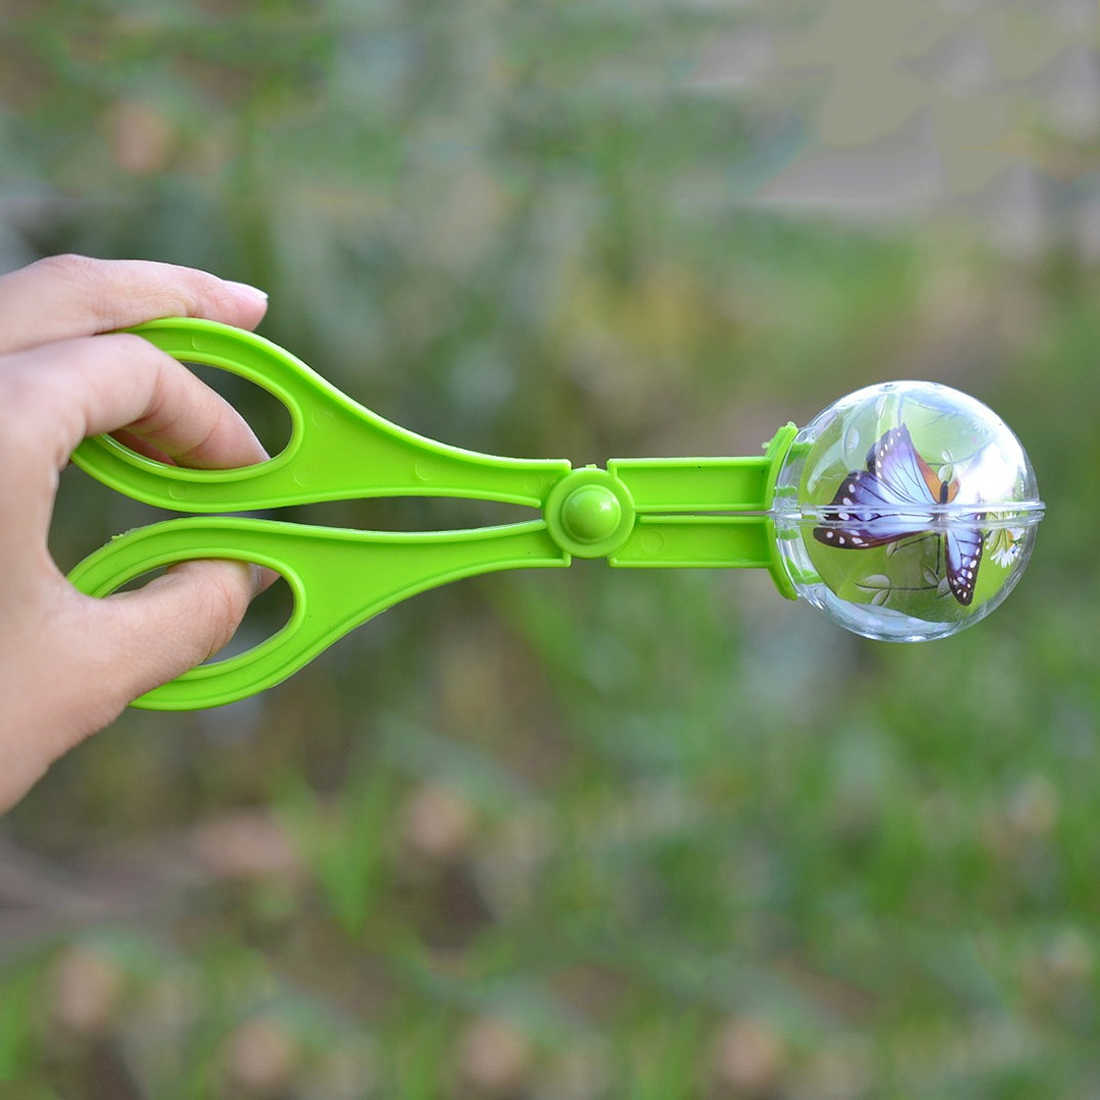 1pc plastikowe Bug łapacz owadów nożyczki szczypce pincety dla dzieci zabawka dla dzieci poręczne narzędzie